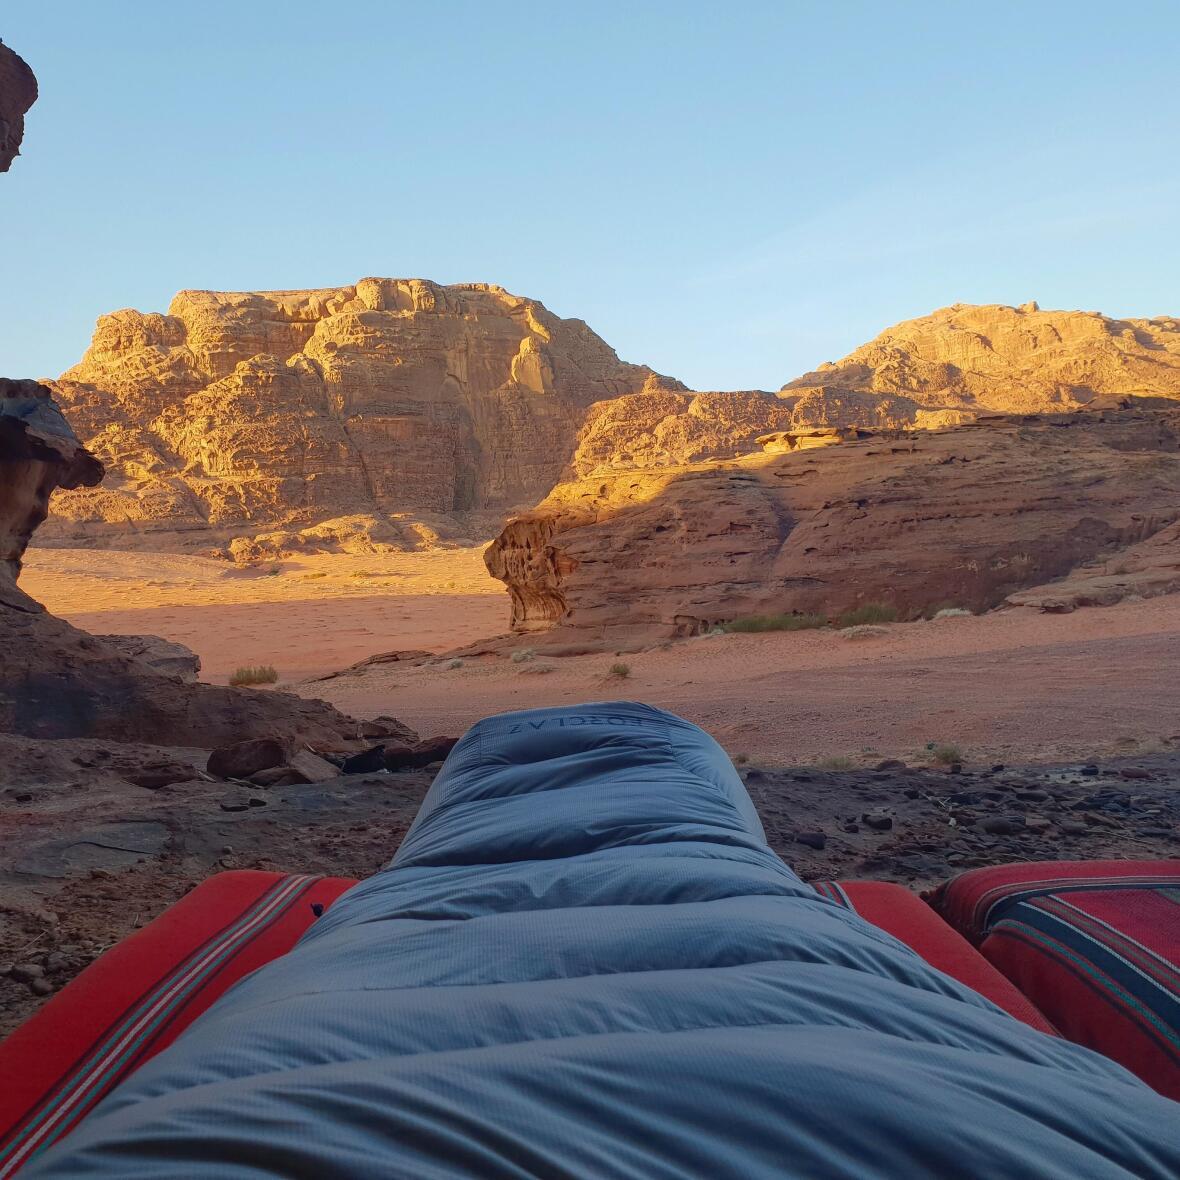 nuit à la belle étoile dans le désert de Wadi Rum